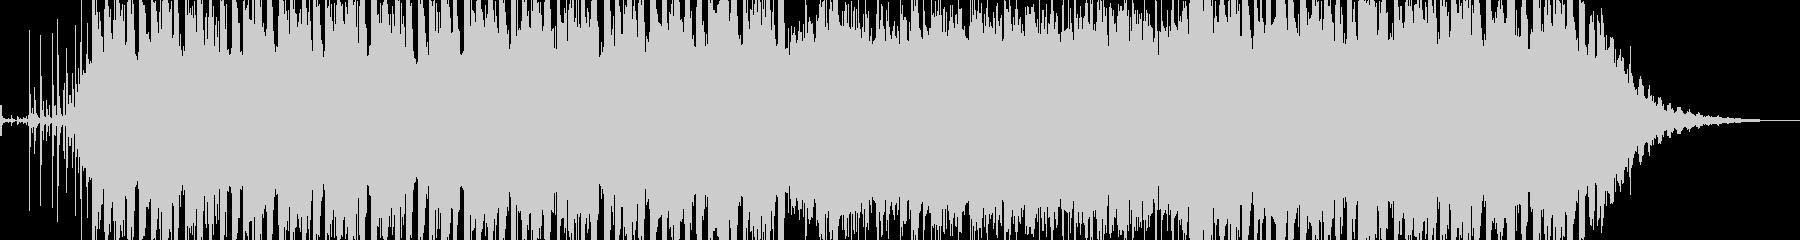 疾走感のあるEDM/テクノ_BGM004の未再生の波形